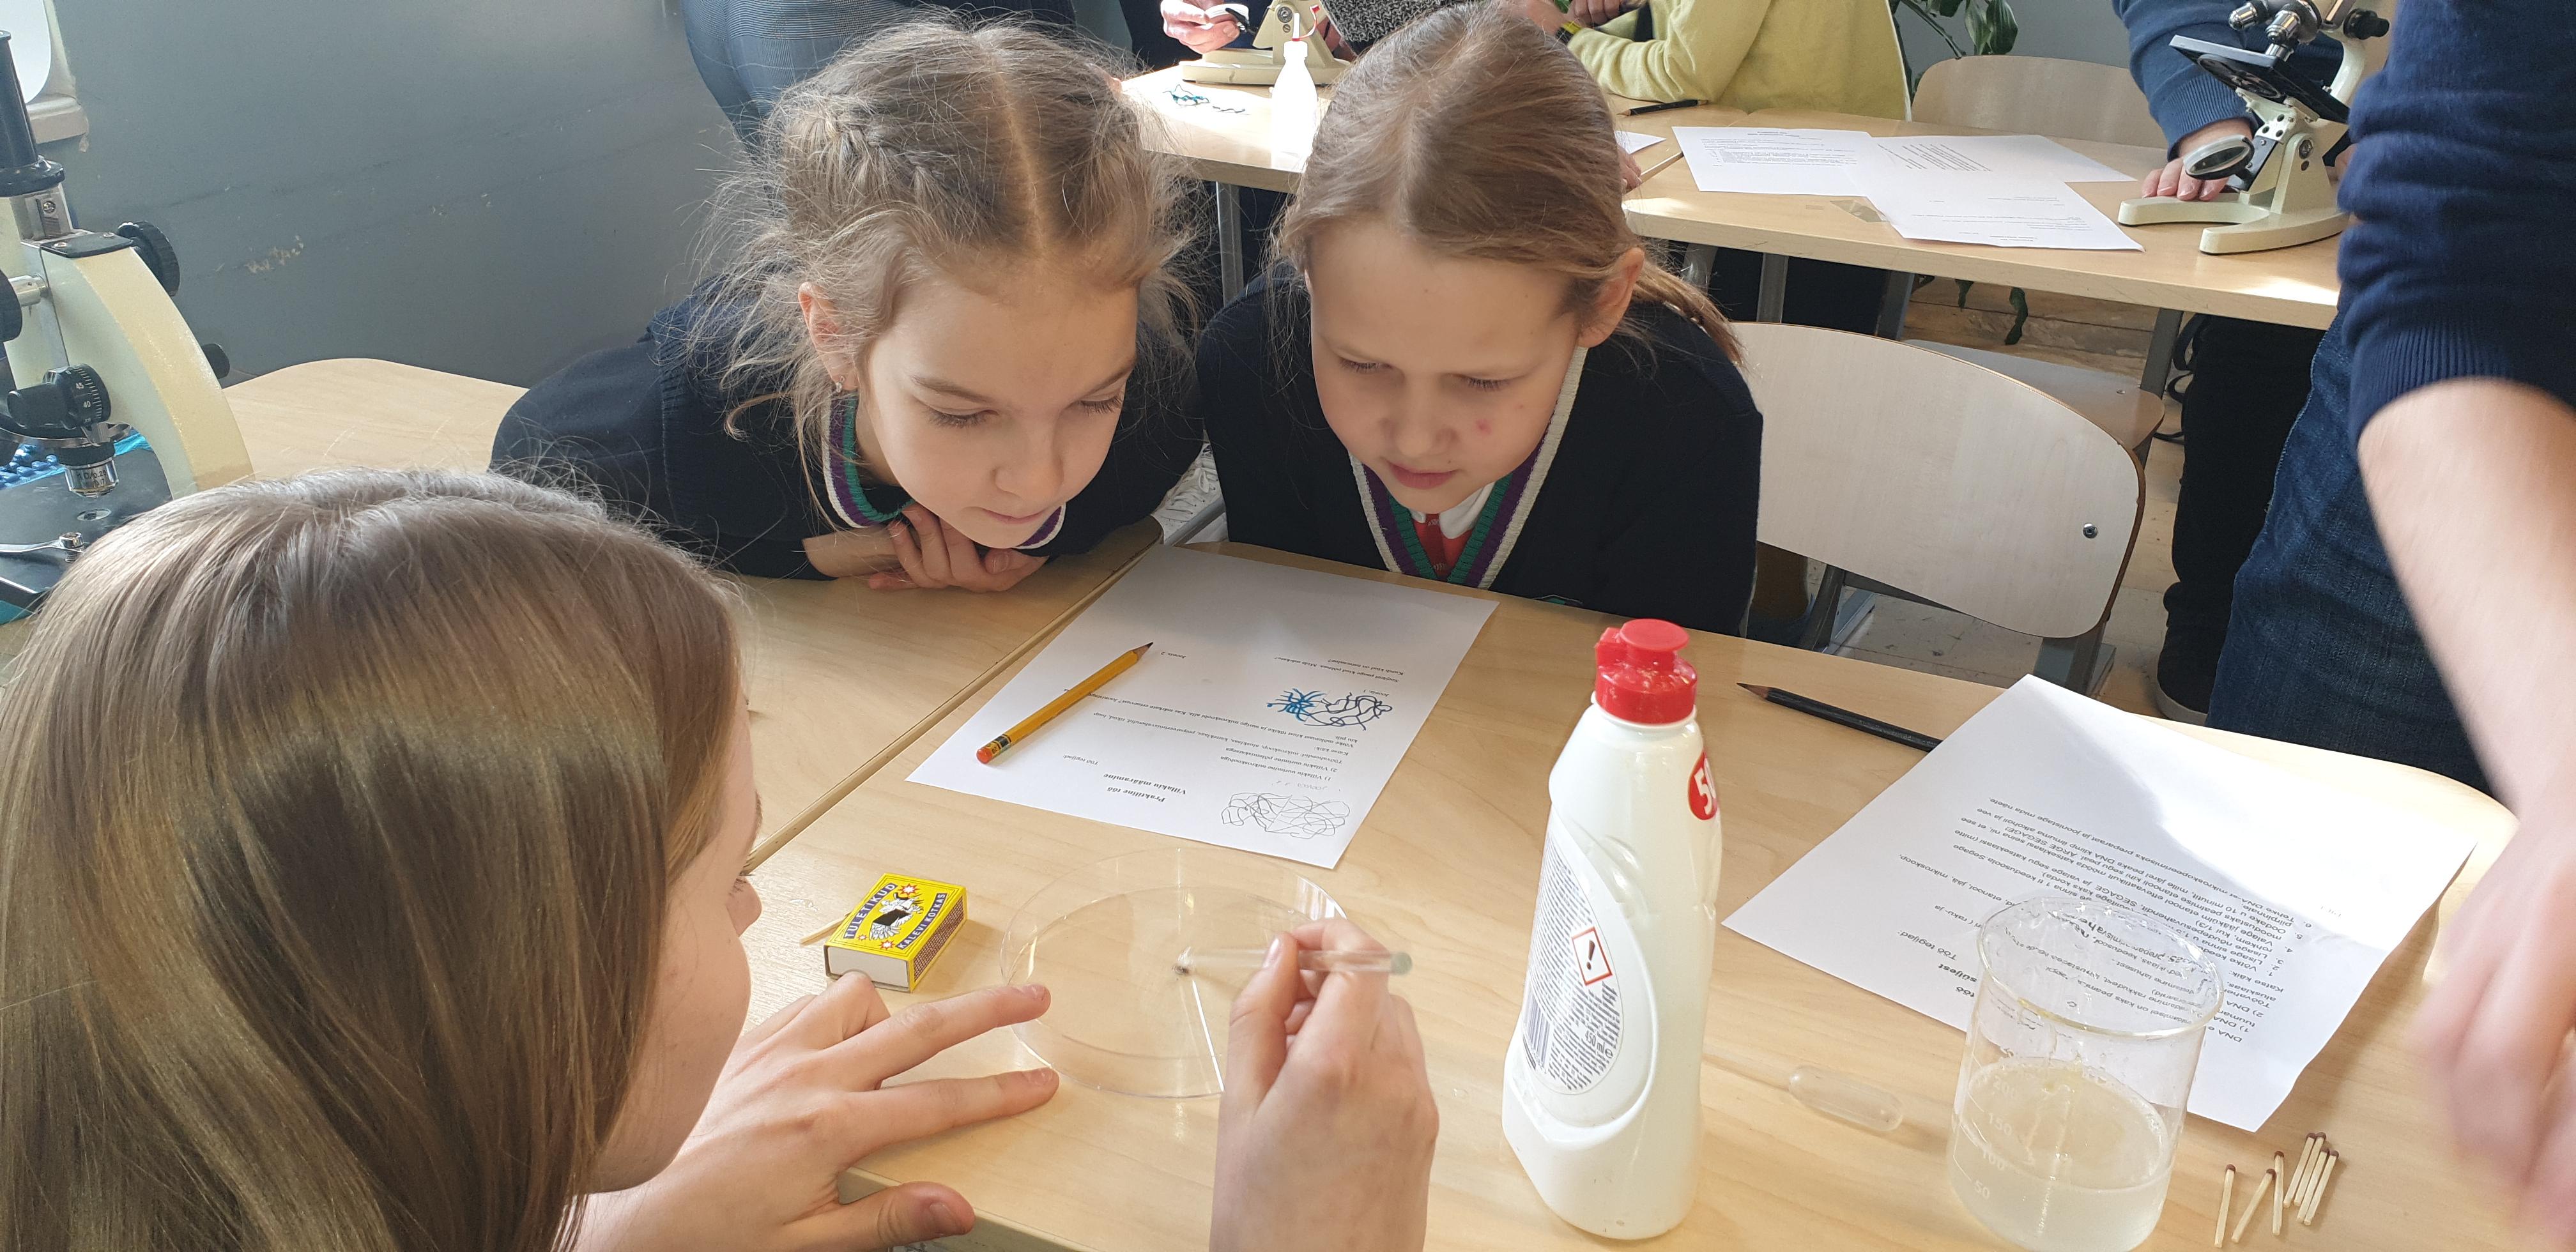 Read more about the article Gümnaasiumi reaalsuuna õpilased õpetasid 3.a klassi